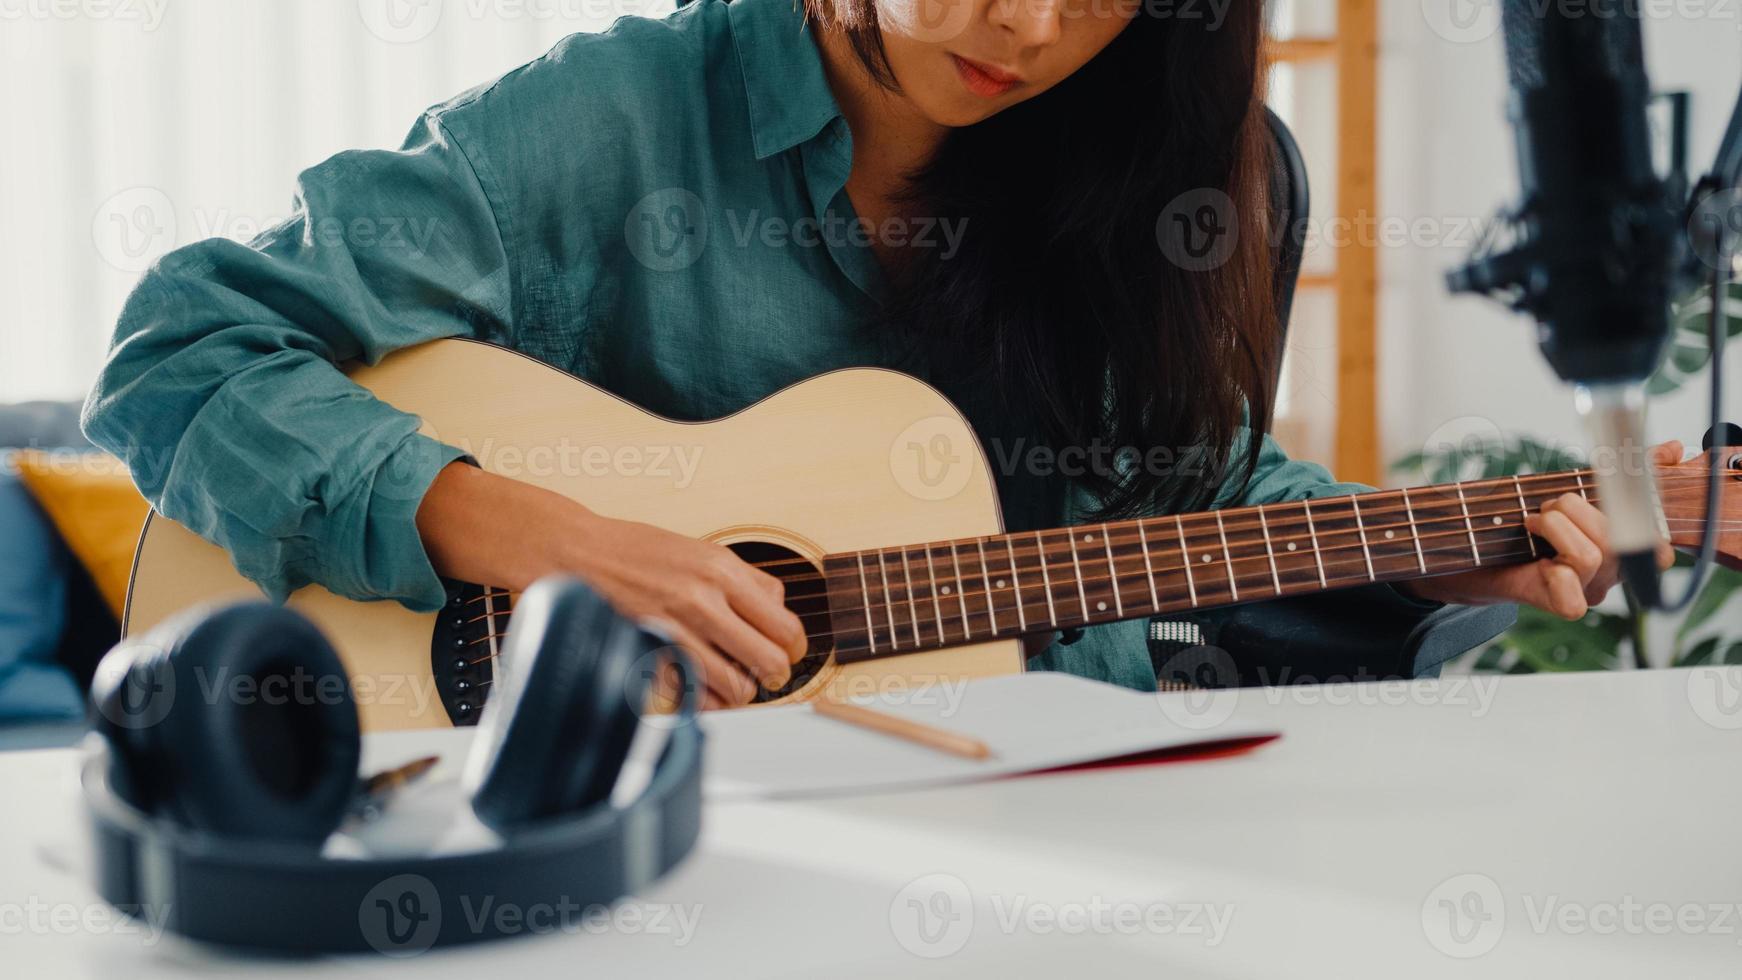 feliz mujer asiática compositora tocar la guitarra acústica escuchar la canción desde el teléfono inteligente pensar y escribir notas letras de canciones en papel sentarse en la sala de estar en casa estudio. producción musical en el concepto de casa. foto